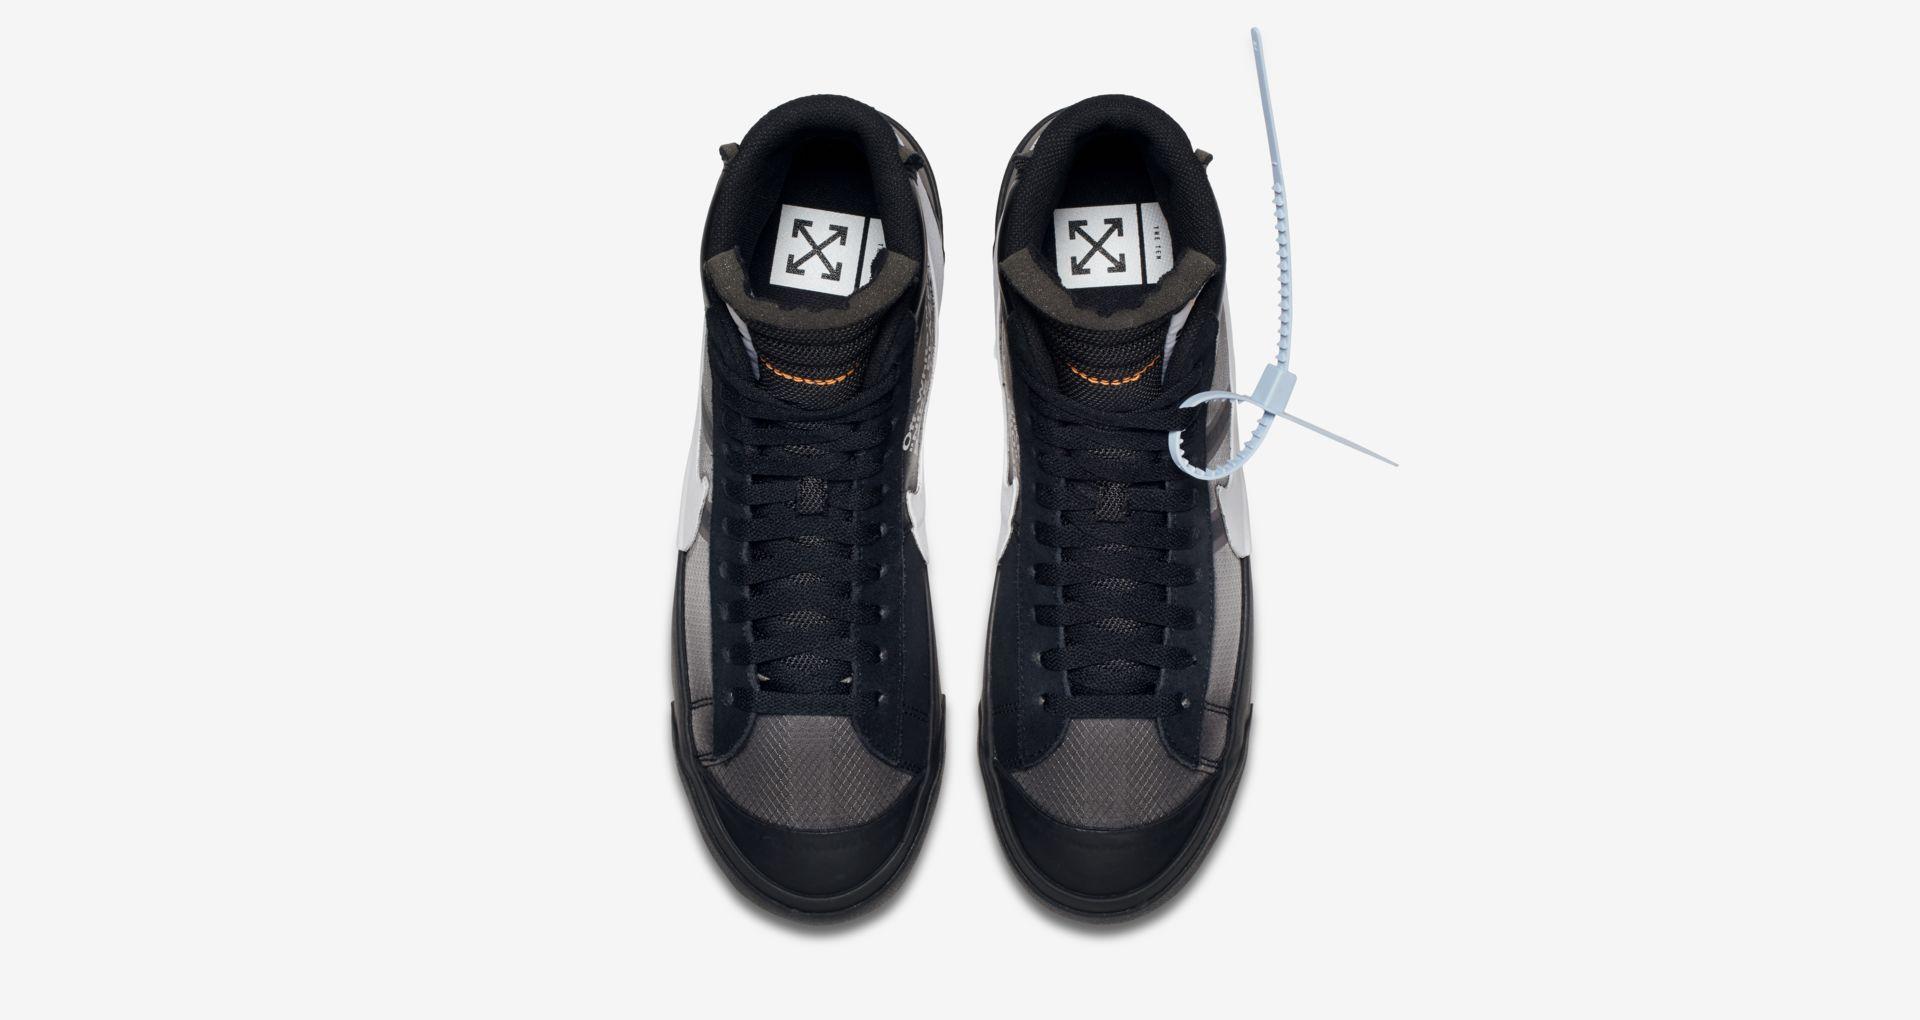 AA3832 001 Off White x Nike Blazer Mid Black 5